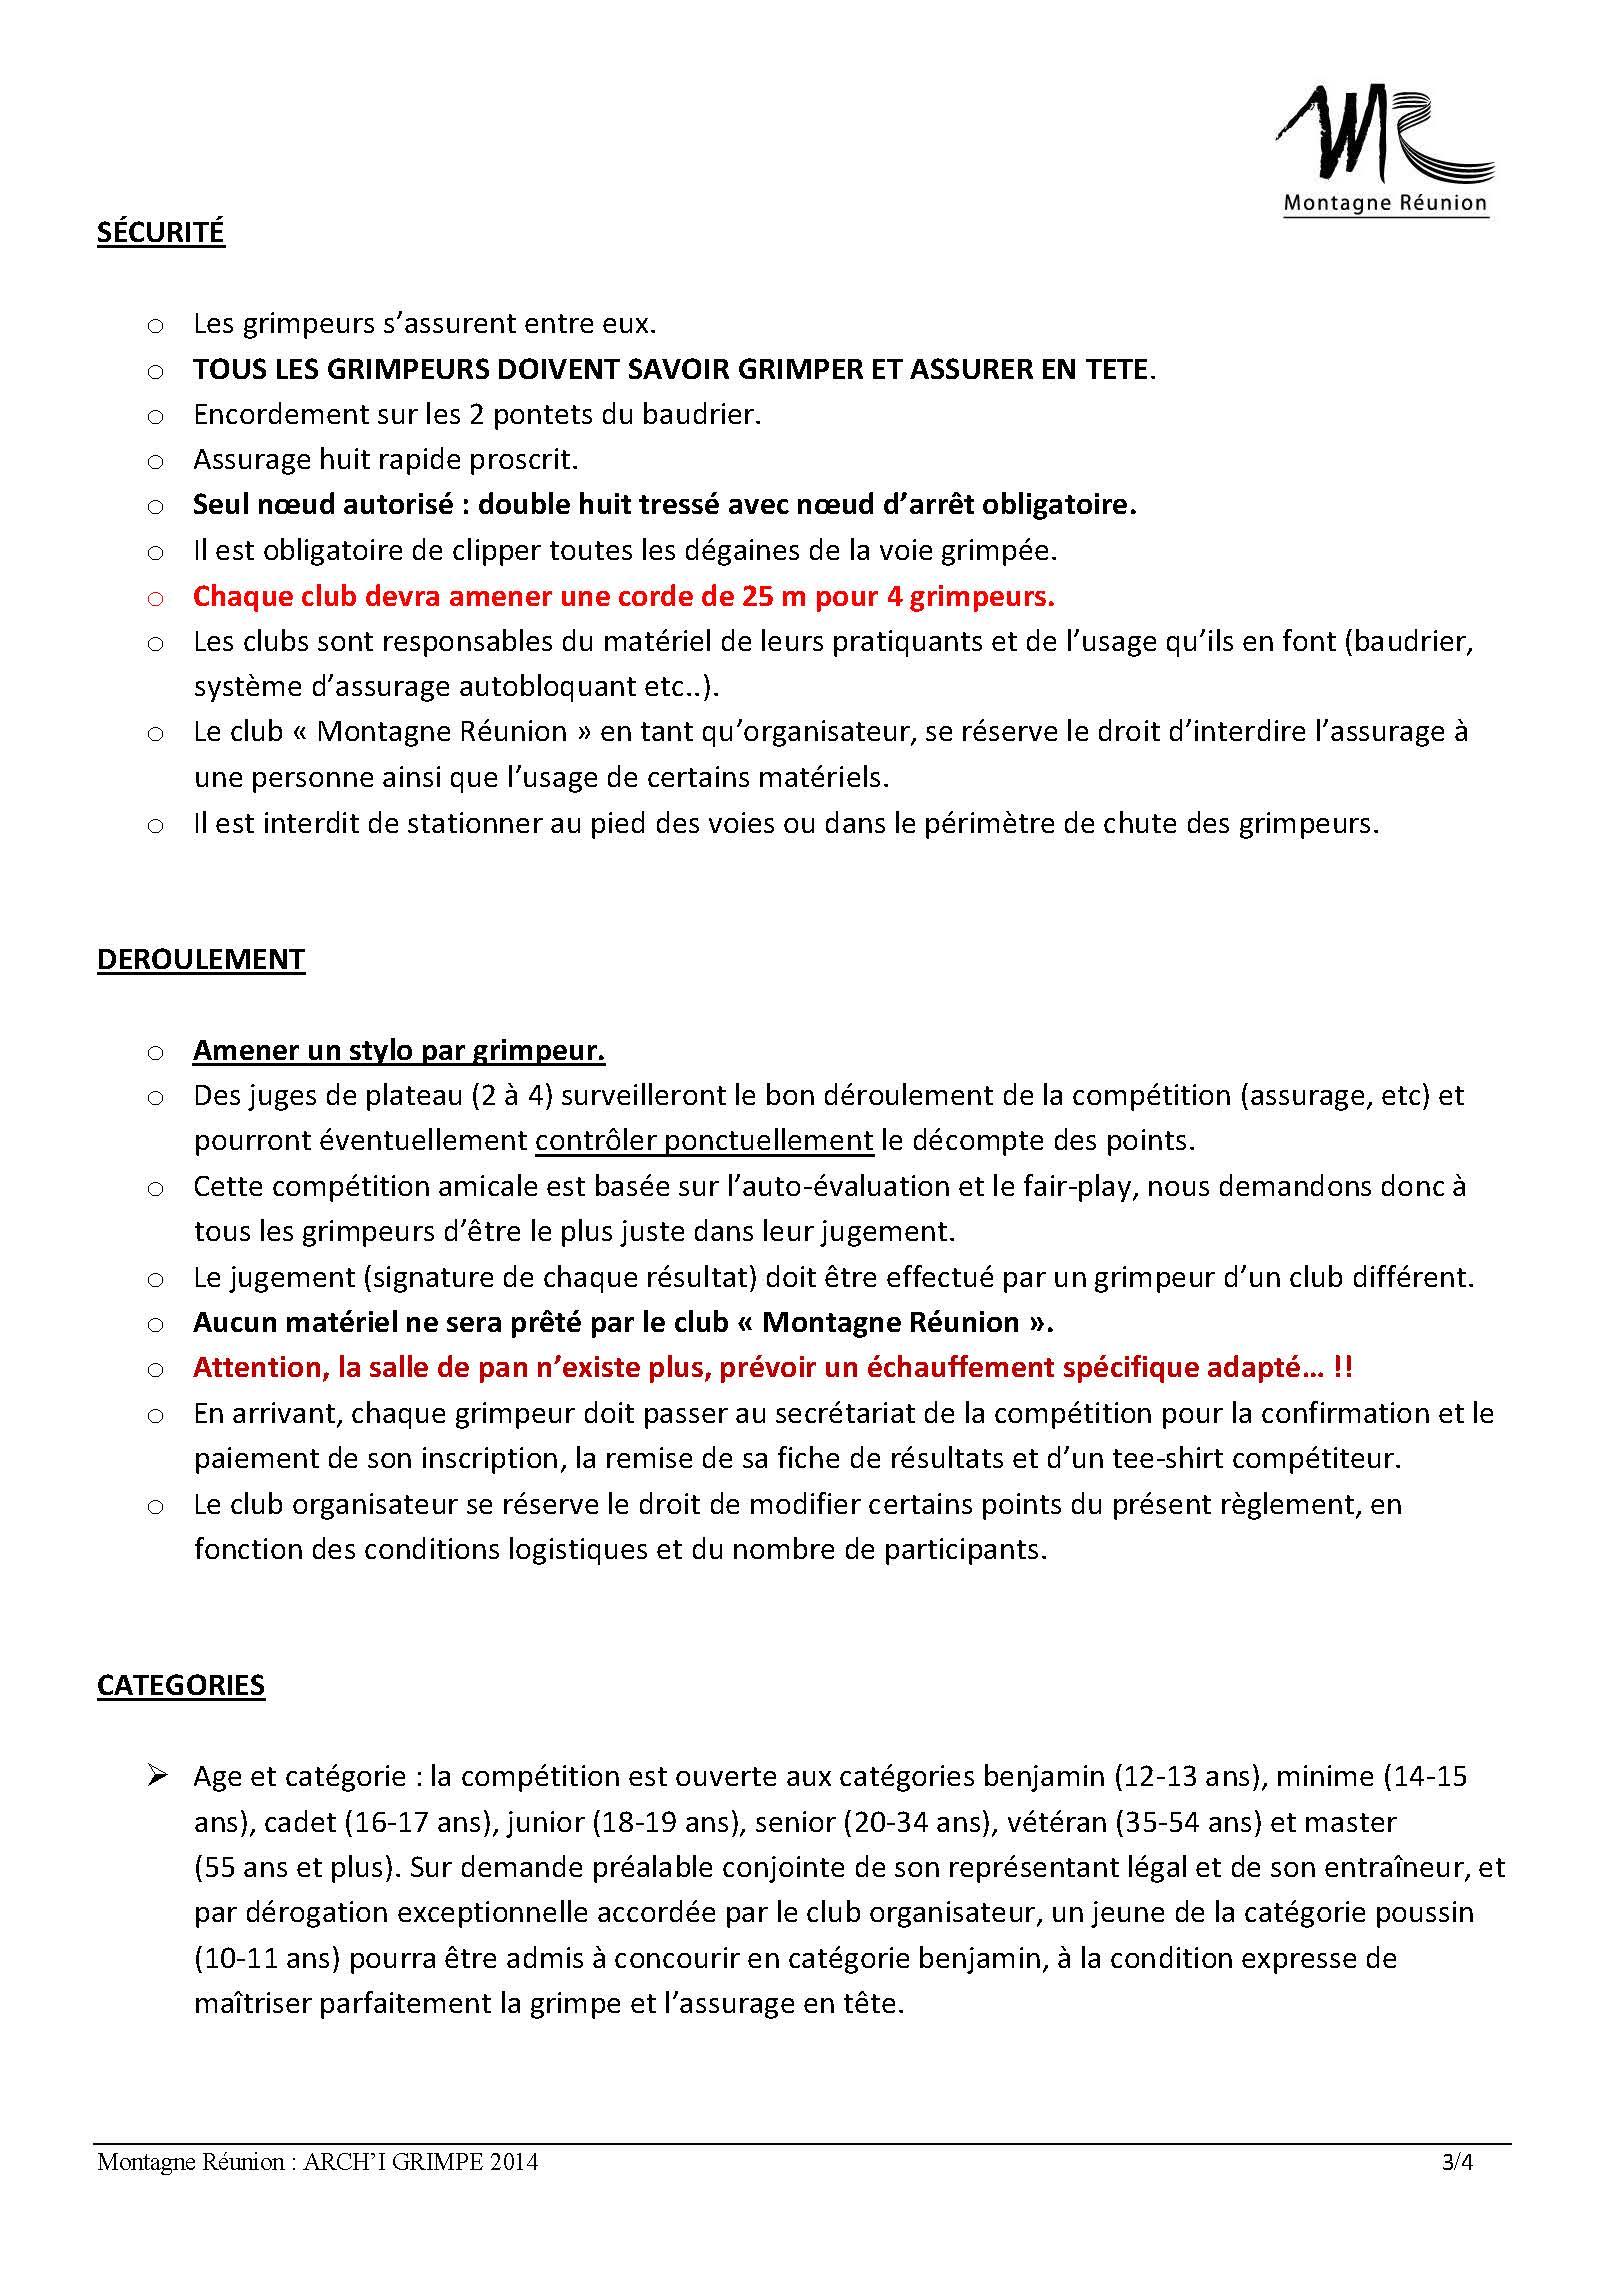 archigrimpe 2014_reglement v2_Page_3